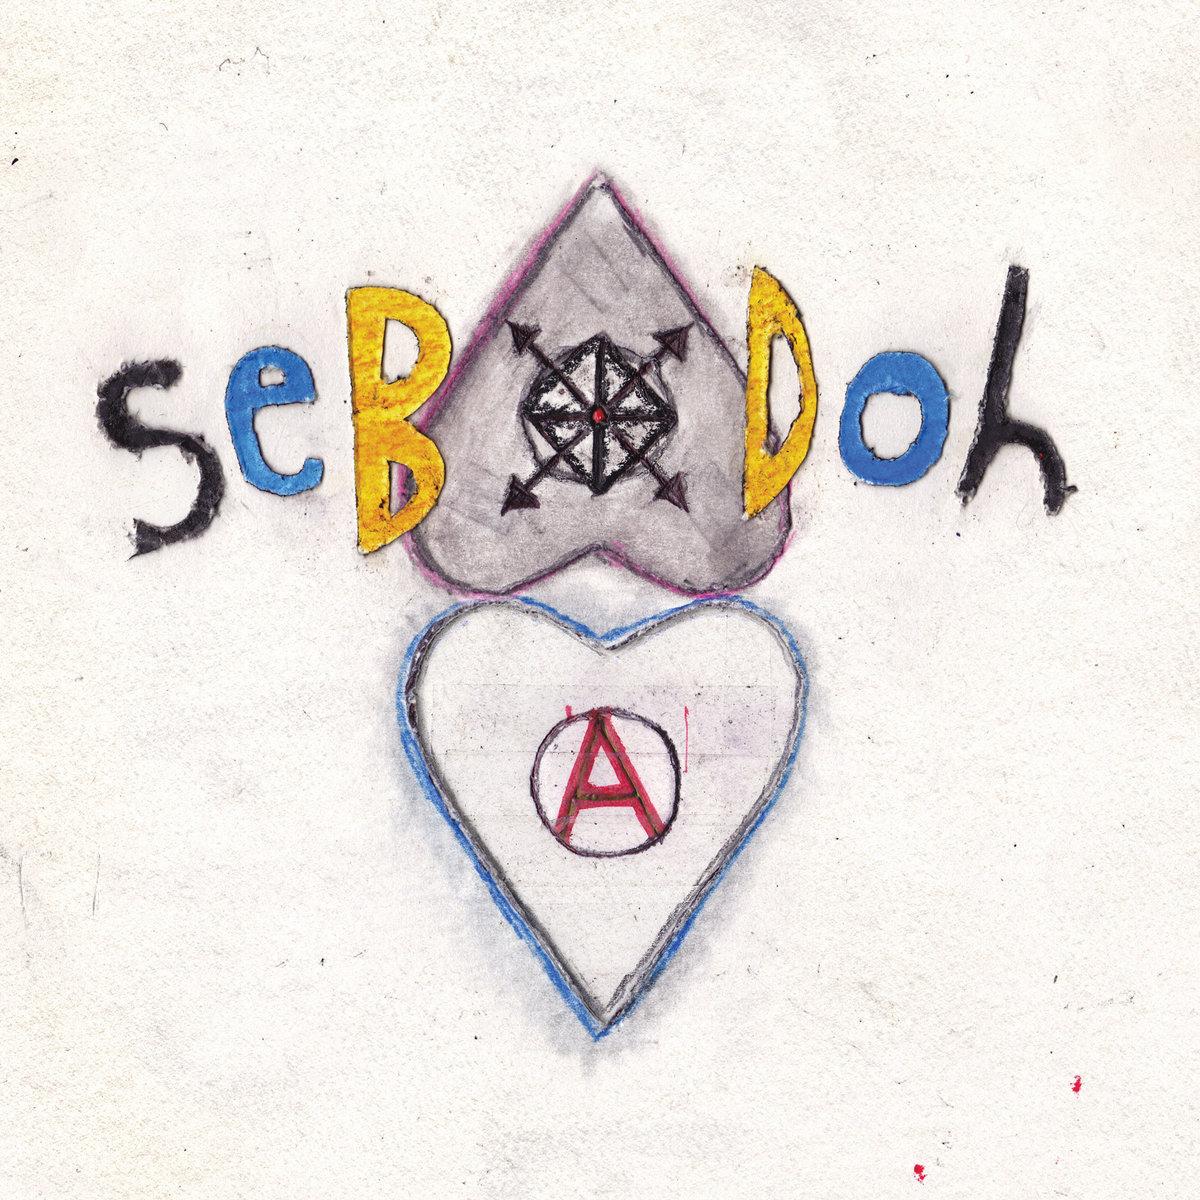 Defend yourself sebadoh by sebadoh solutioingenieria Image collections